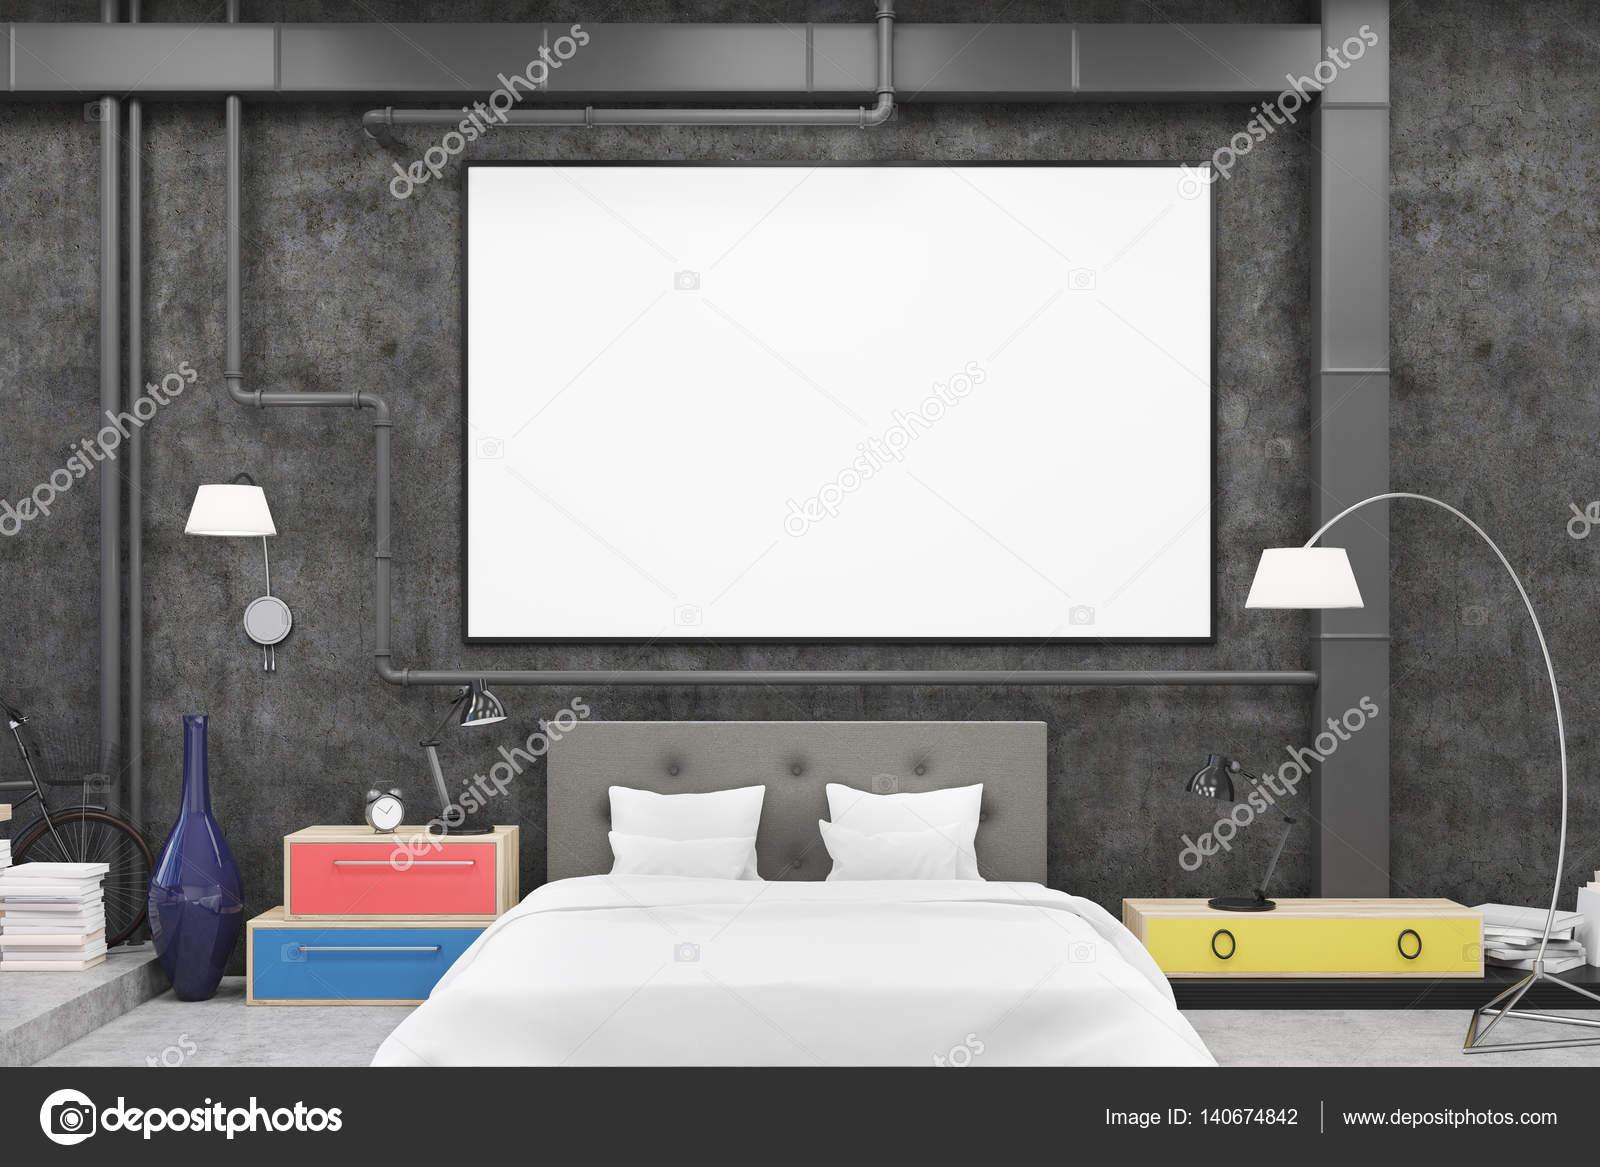 Slaapkamer Zwarte Muren : Slaapkamer met zwarte muren en poster vooraanzicht u2014 stockfoto